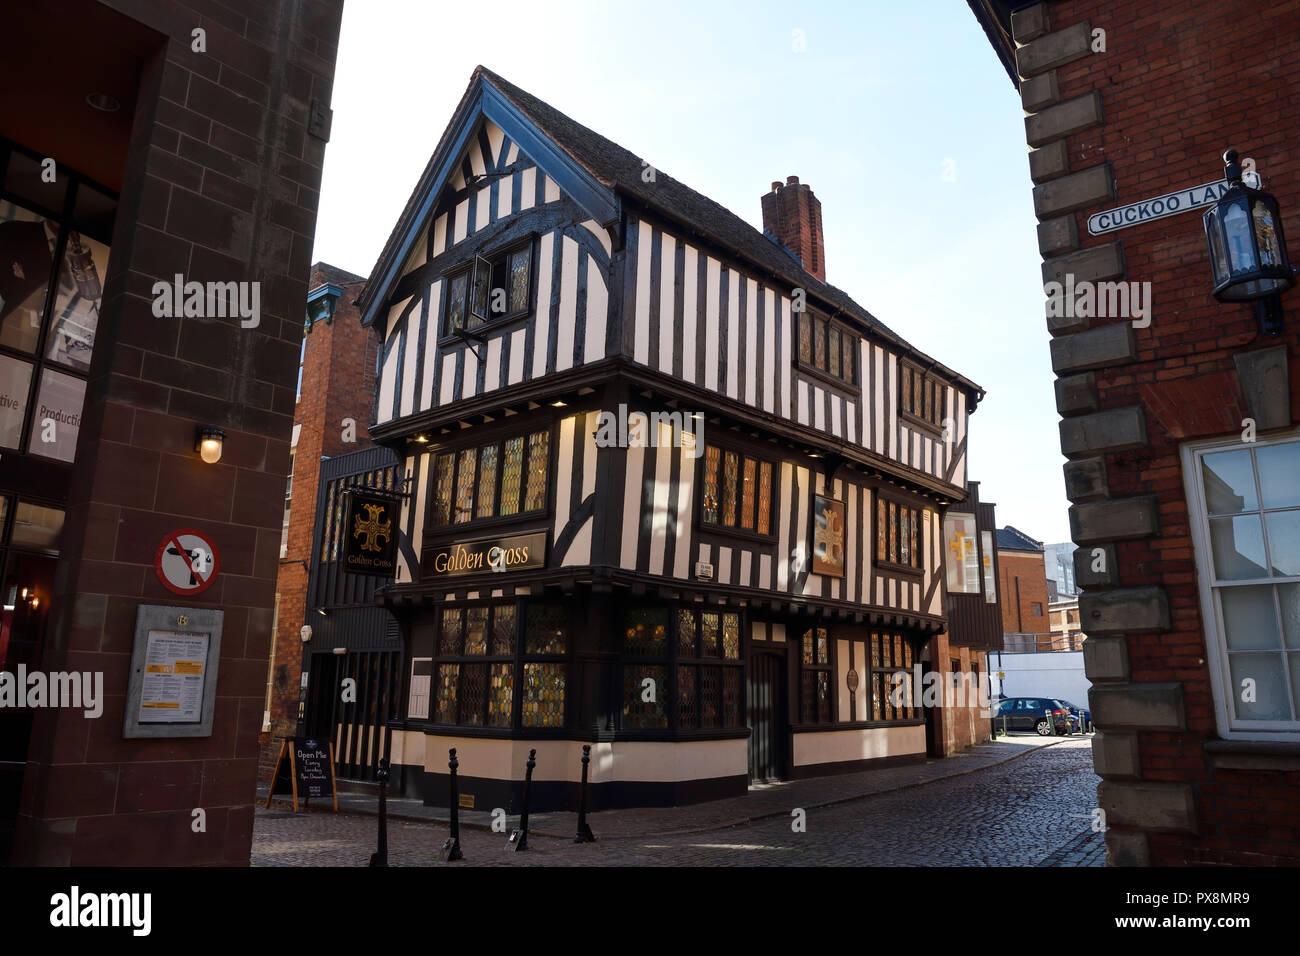 El edificio de entramado de madera medievales de la Cruz dorada pub heno Lane en el centro de la ciudad de Coventry Reino Unido Foto de stock